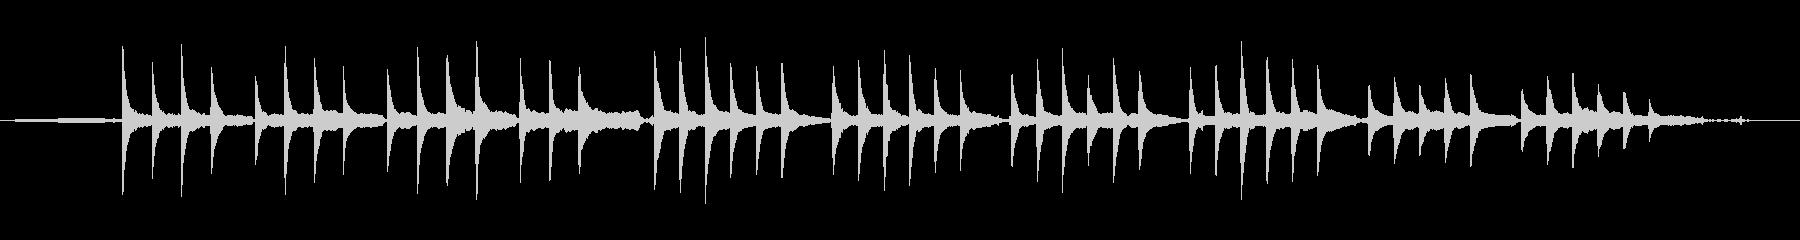 奇妙な和音で不穏感漂うサティのピアノ曲の未再生の波形